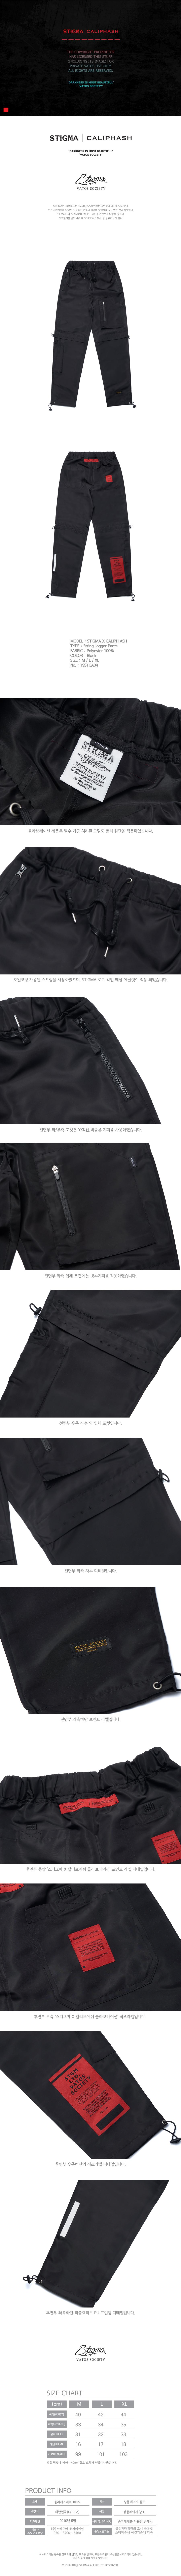 스티그마 STIGMA X CALIPH ASH TECH STRING JOGGER PANTS BLACK